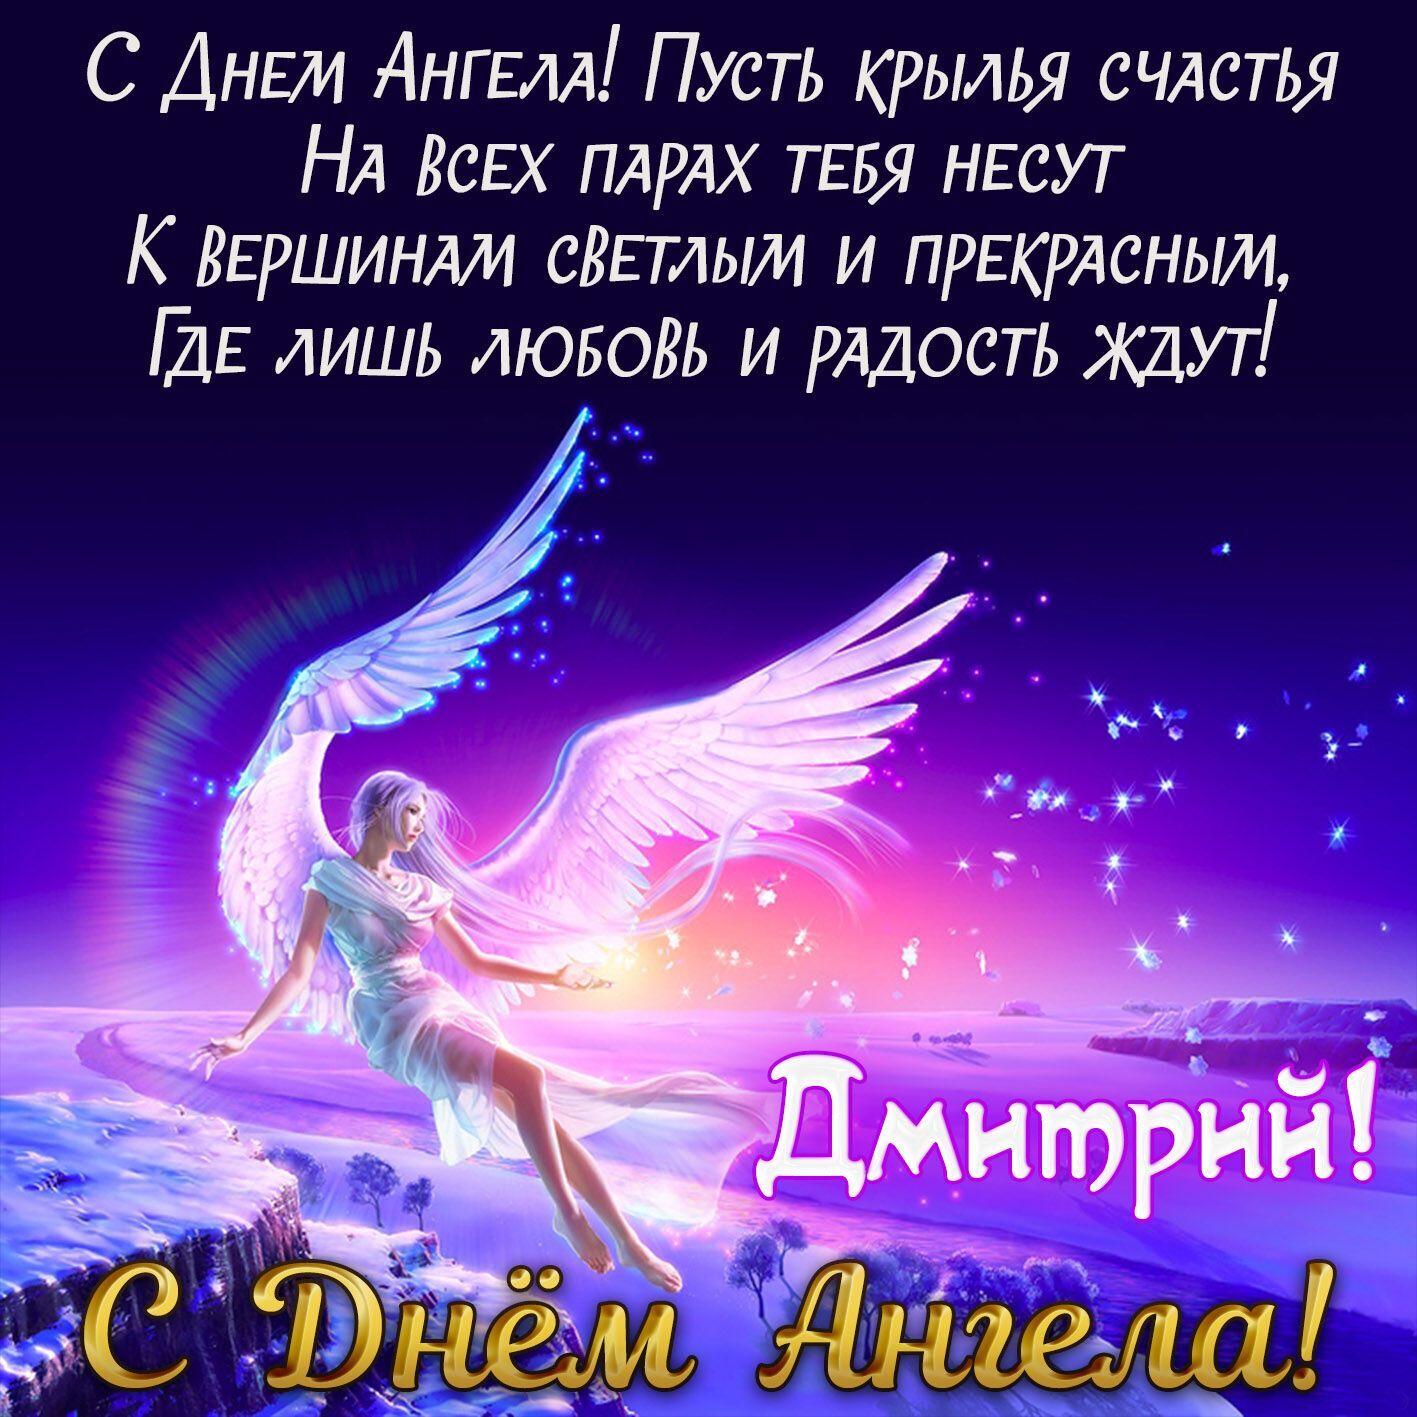 Пожелания в день ангела Дмитрия